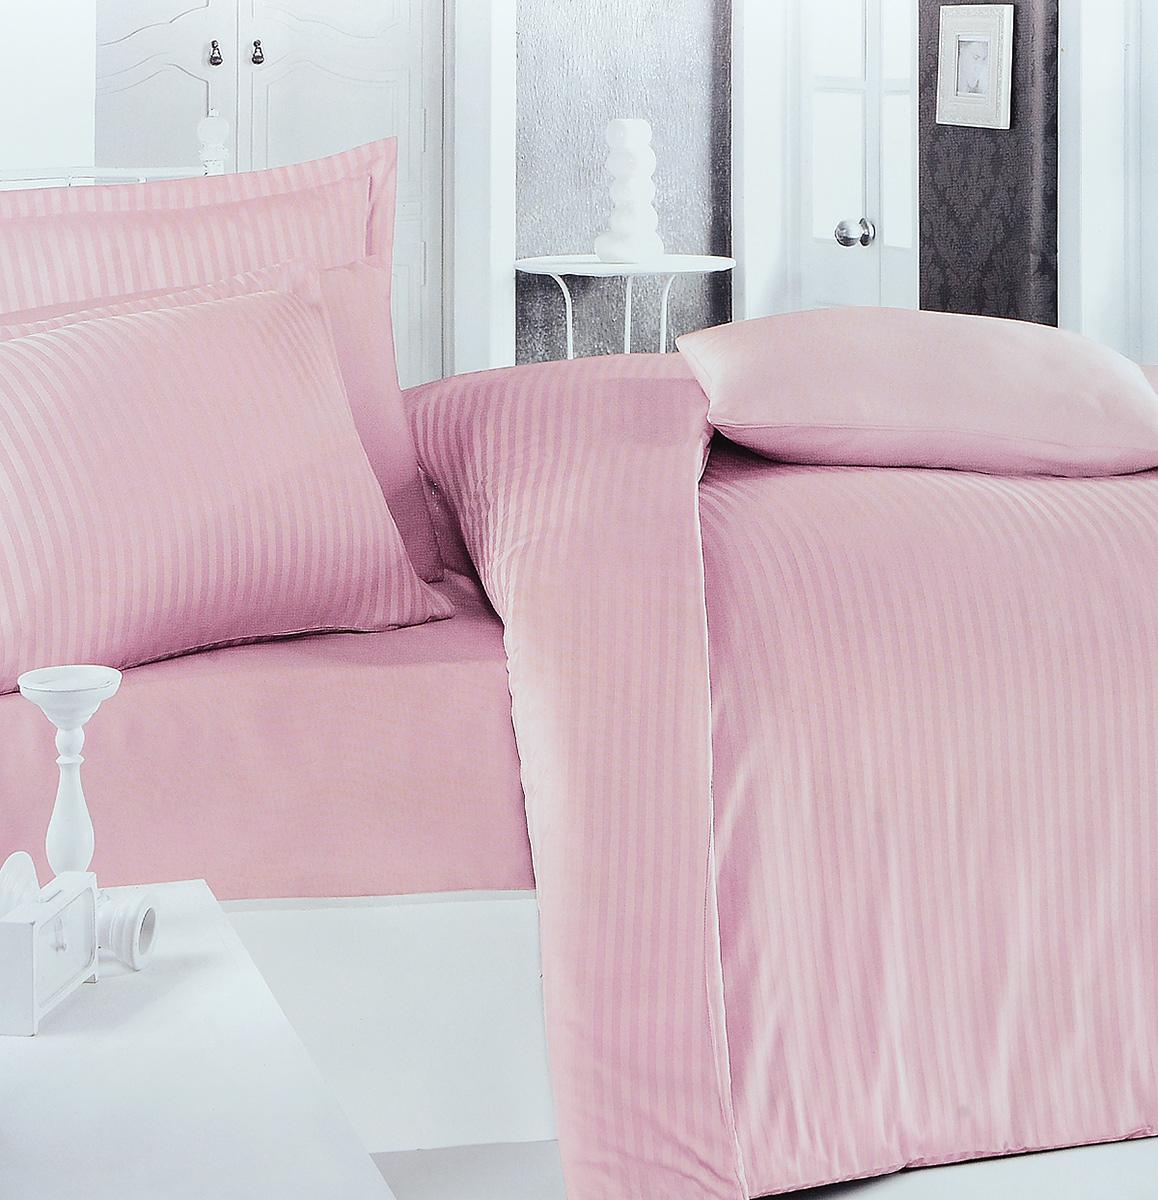 Комплект белья Clasy Stripe Satin, евро, наволочки 50х70, цвет: розовый391602Комплект постельного белья Clasy Stripe Satin состоит из пододеяльника на пуговицах, простыни и 4 наволочек (2 стандартные и 2 с ушками). Изделия выполнены из страйп-сатина (100% хлопок). Страйп-сатин - это очень прочная жаккардовая ткань из 100% хлопка. На вид он напоминает обычный сатин, но с полосками, которые появляются благодаря разному направлению нитей в ткани. Страйп-сатин универсален: он подойдет к любому интерьеру, прослужит вам долго, а рисунок никогда не поблекнет. Из страйп-сатина делают элитное постельное белье, по всем качествам его можно сравнить с самыми дорогими образцами хлопкового белья. Ткань гладкая и имеет ровный матовый блеск. Секрет заключается в особенно плотном сатиновом переплетении. Несмотря на особую плотность, это постельное белье очень мягкое, спать на нем уютно и тепло. Ткань обладает отличными гигиеническими свойствами - гигроскопичностью, воздухопроницаемостью и гипоаллергенностью. Страйп-сатин неприхотлив в уходе: почти не мнется, а стирать его можно при температуре до 60°C. В производстве белья используются только качественные безопасные импортные красители, которые не содержат вредных химических веществ и позволяют сохранить яркость красок после многократных стирок. Белье упаковано в подарочную картонную коробку.